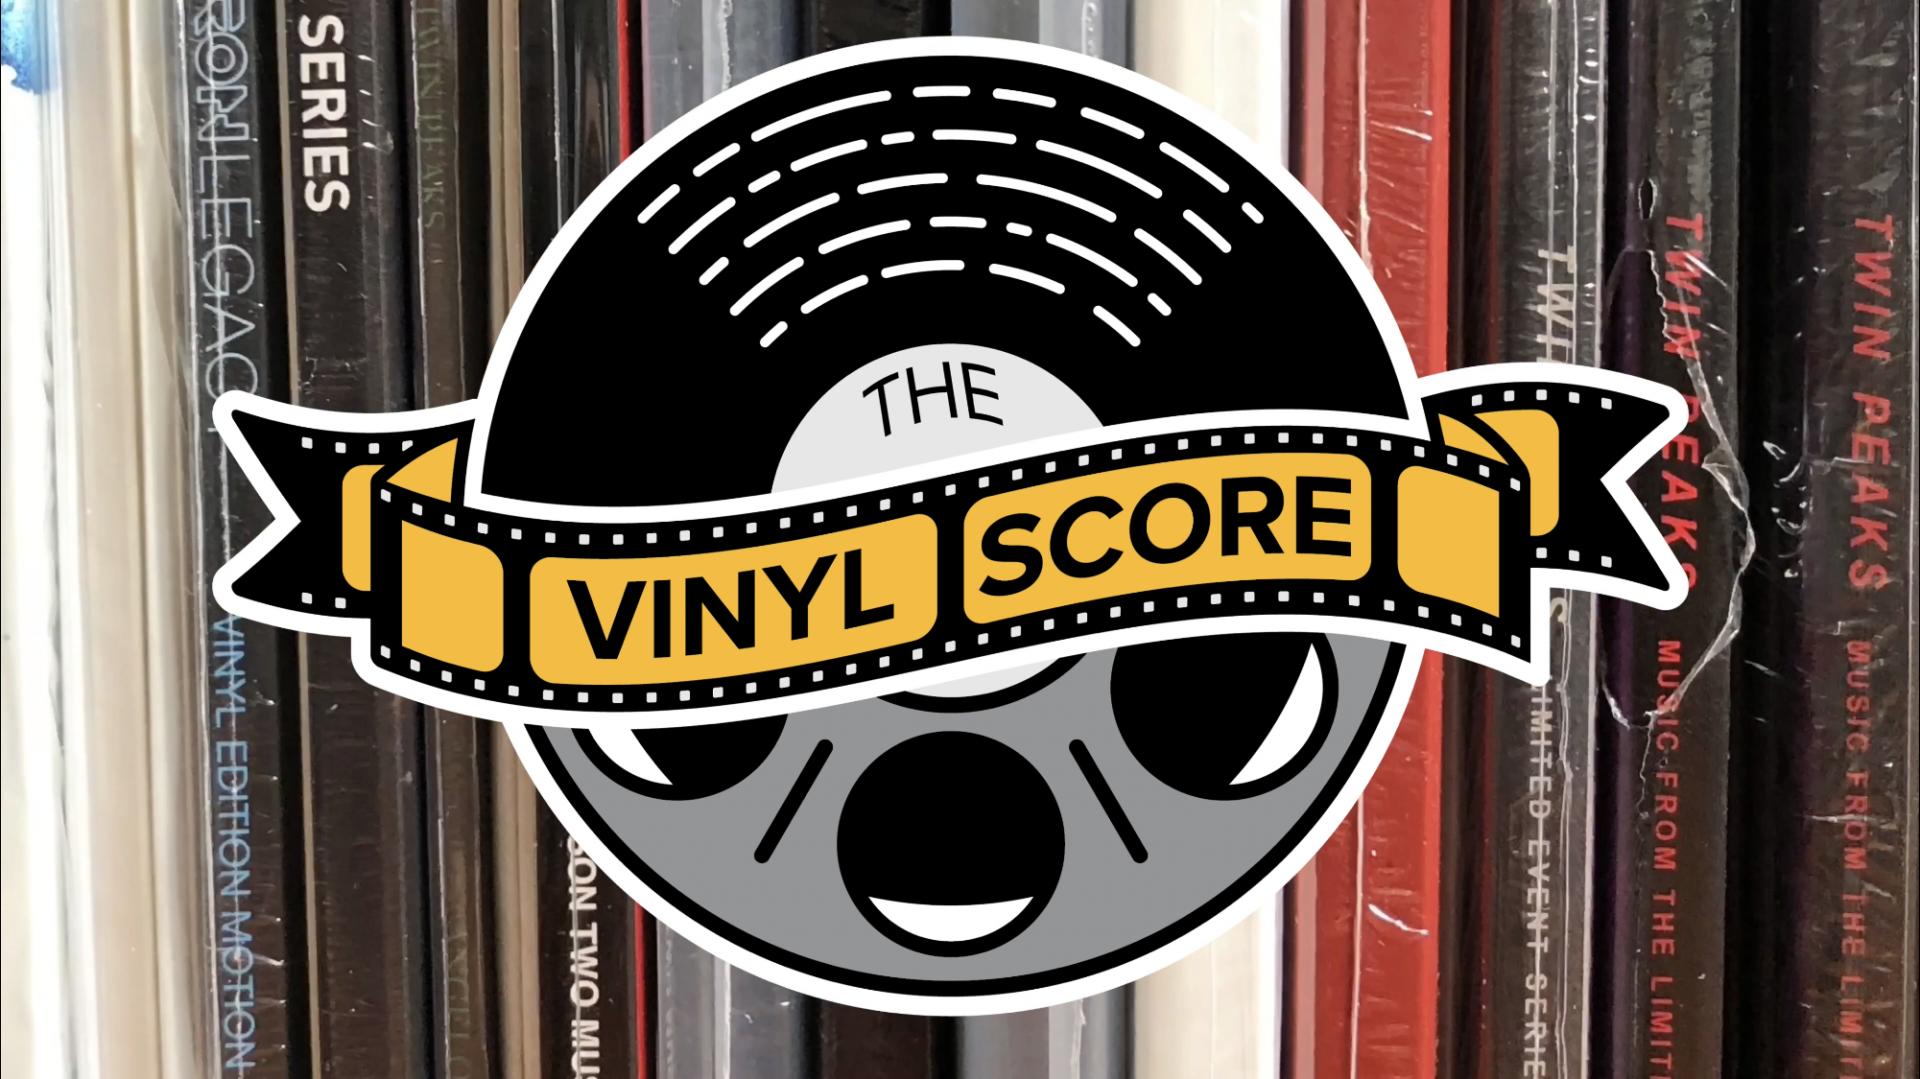 The Vinyl Score